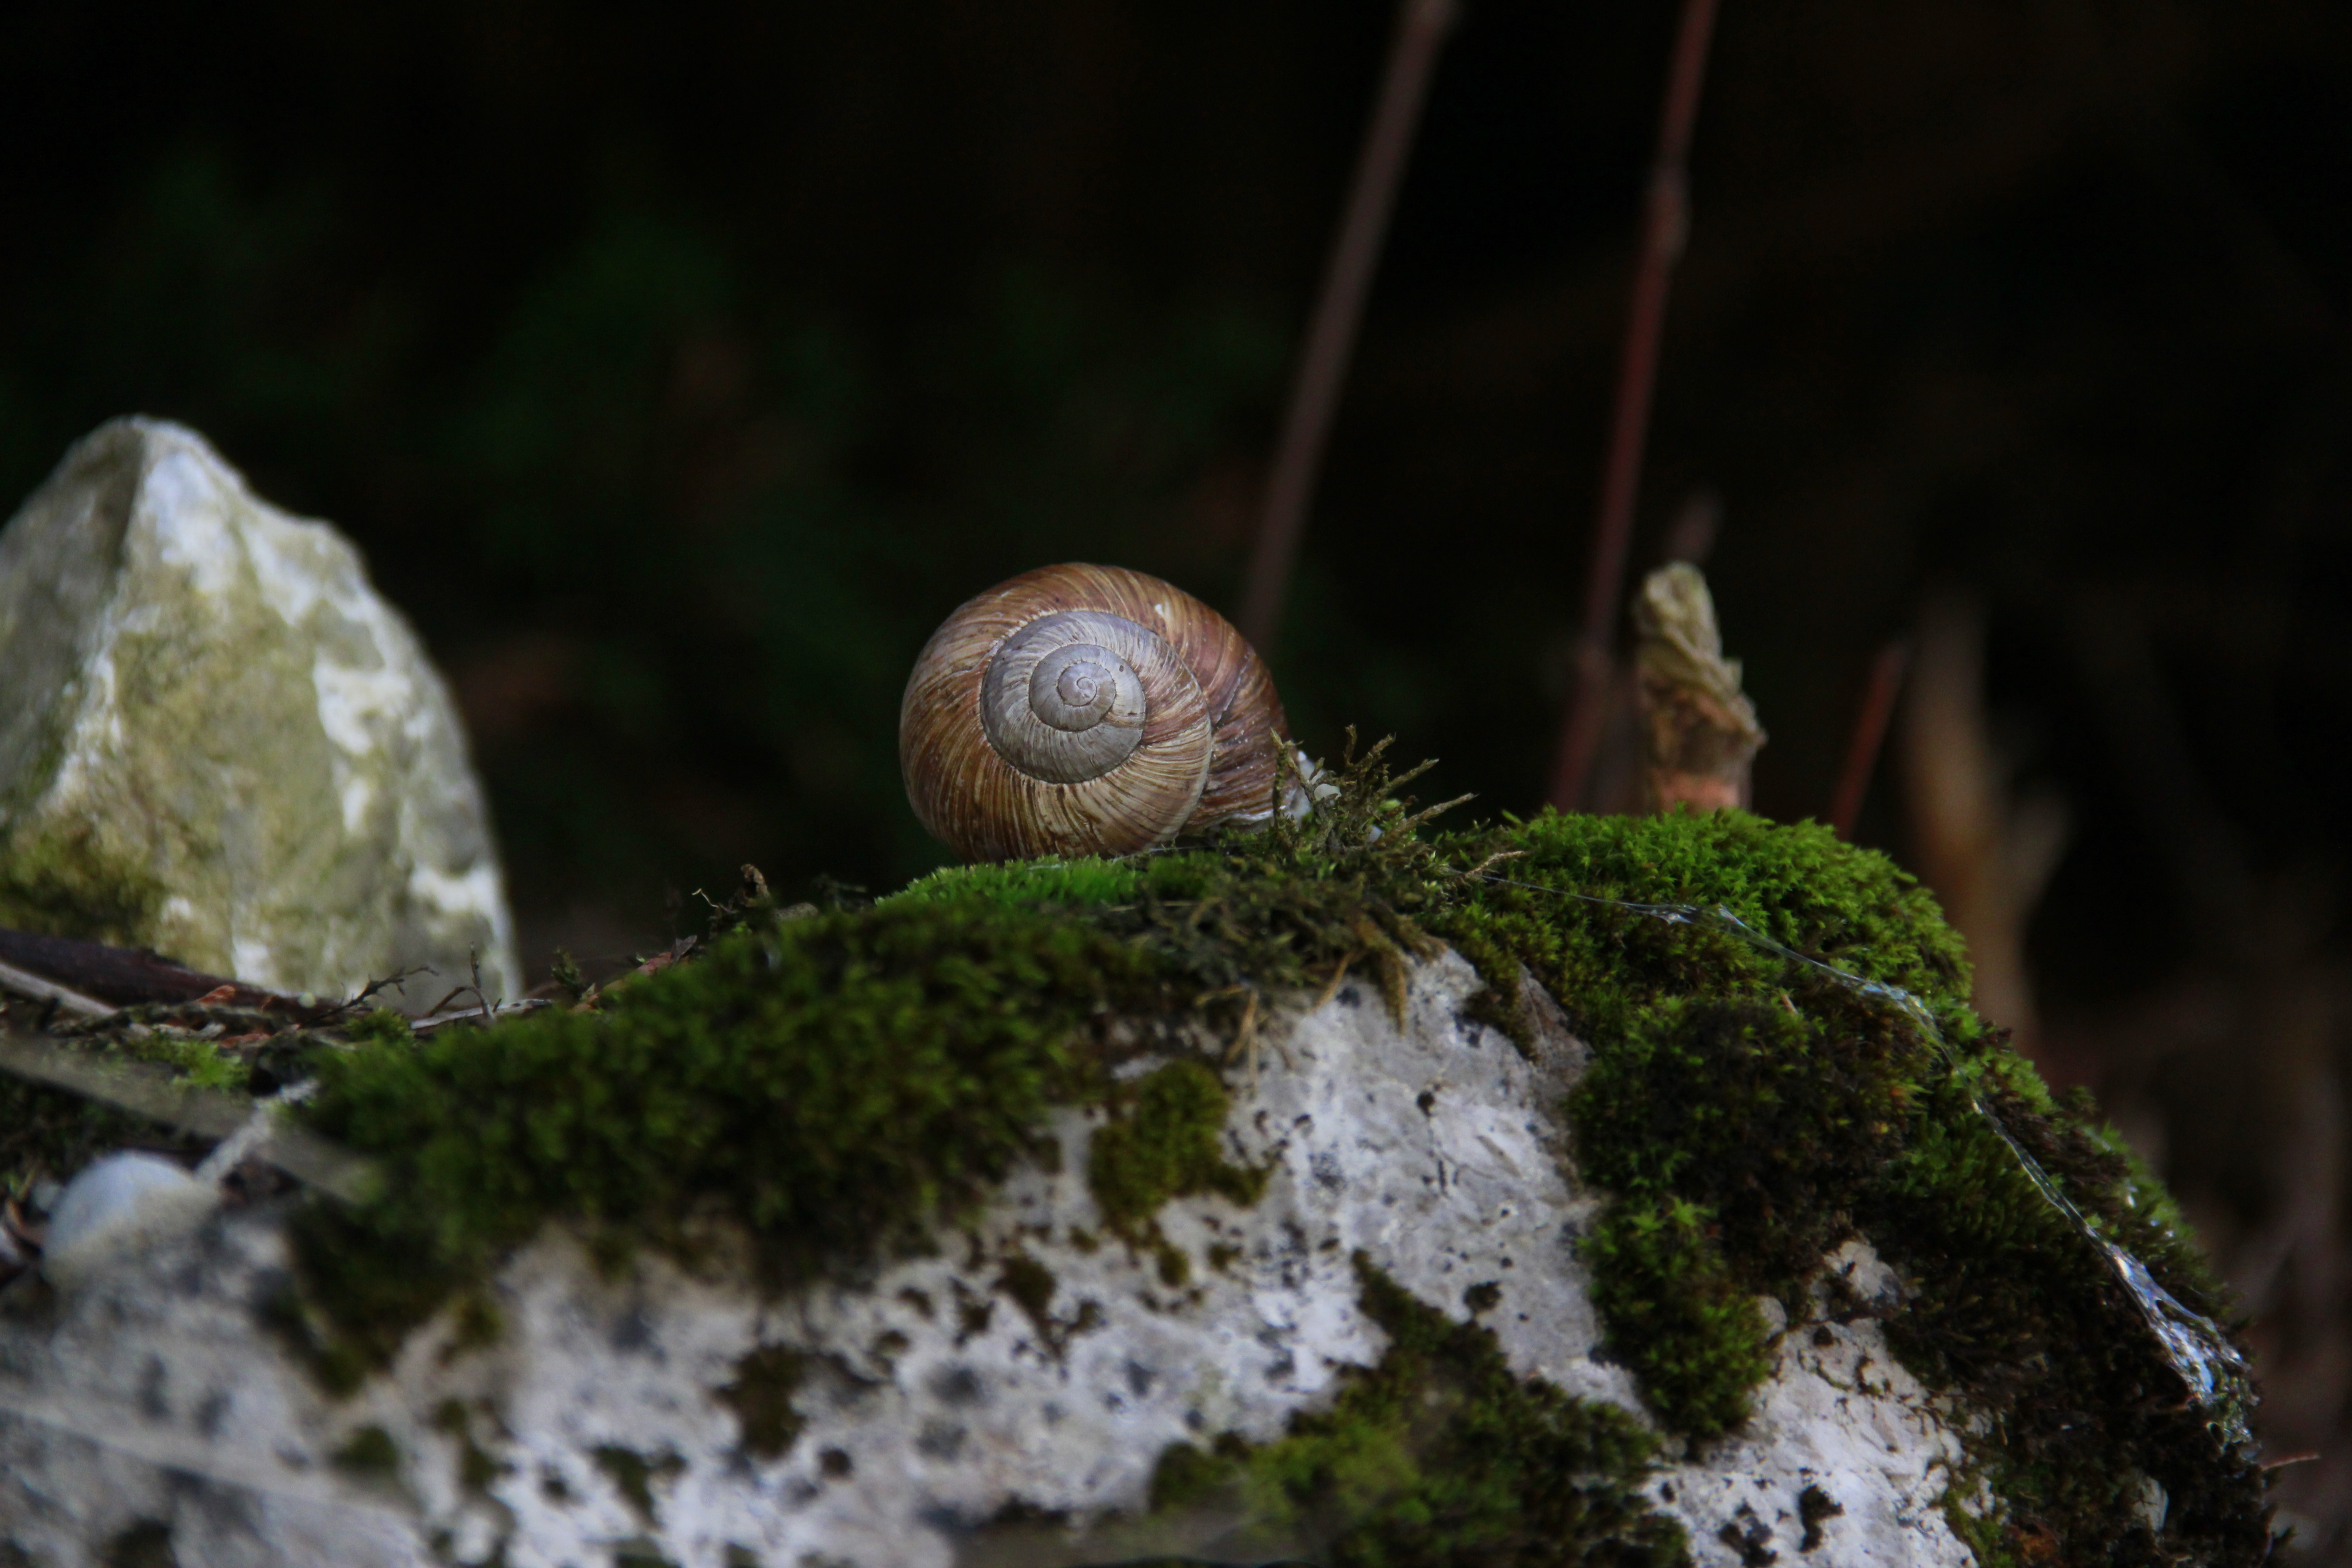 Le pays des escargots, Suisse'14